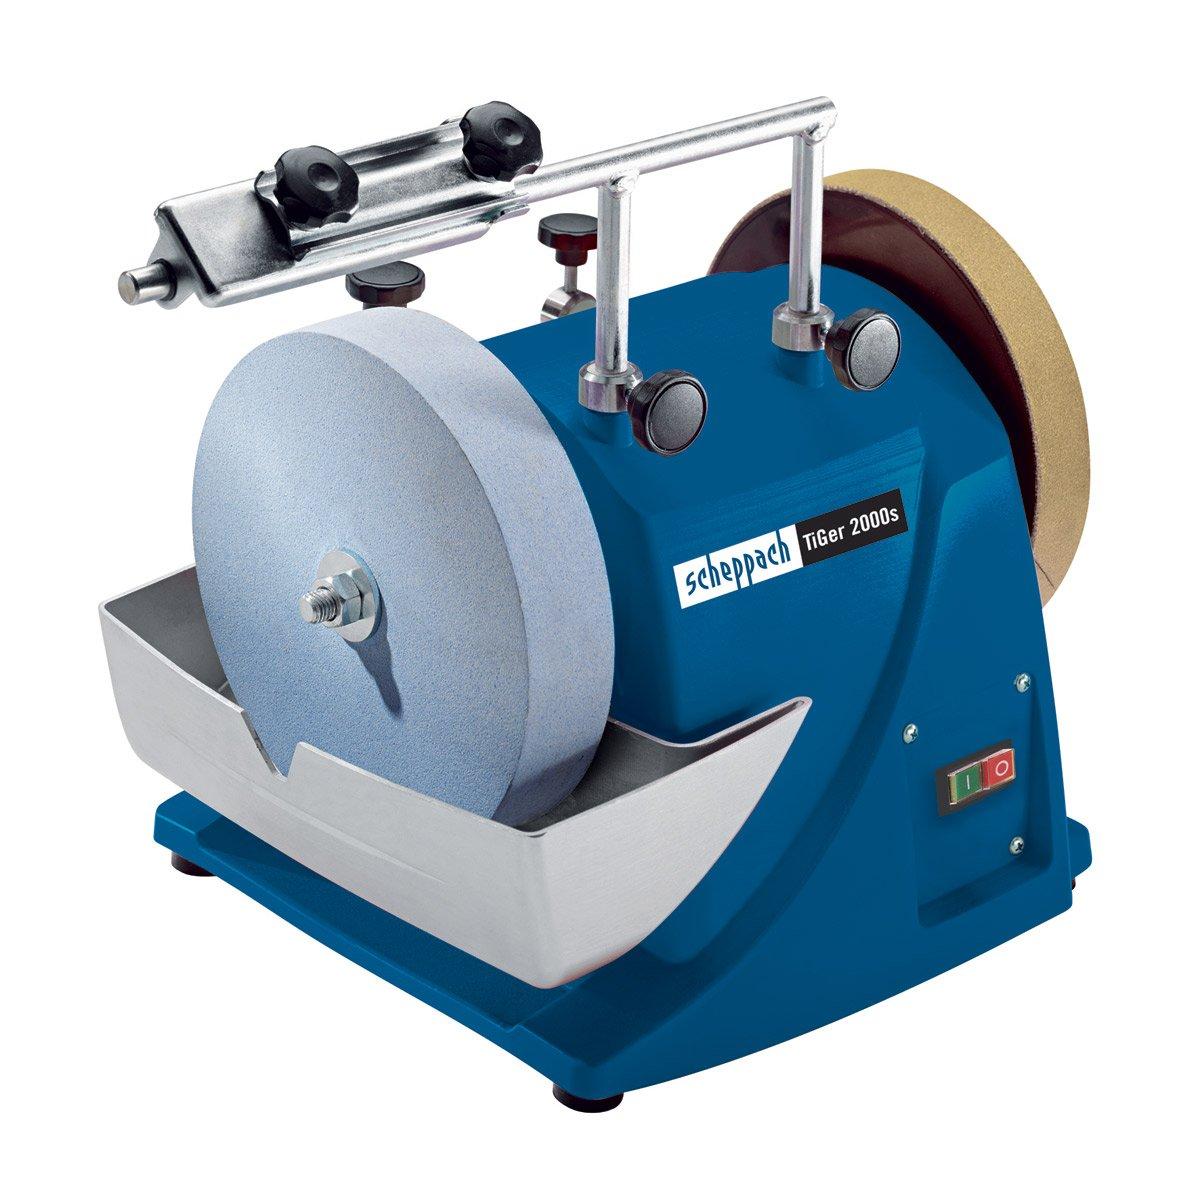 Scheppach 240V Sharpening and Honing System TiGer2000S-240V